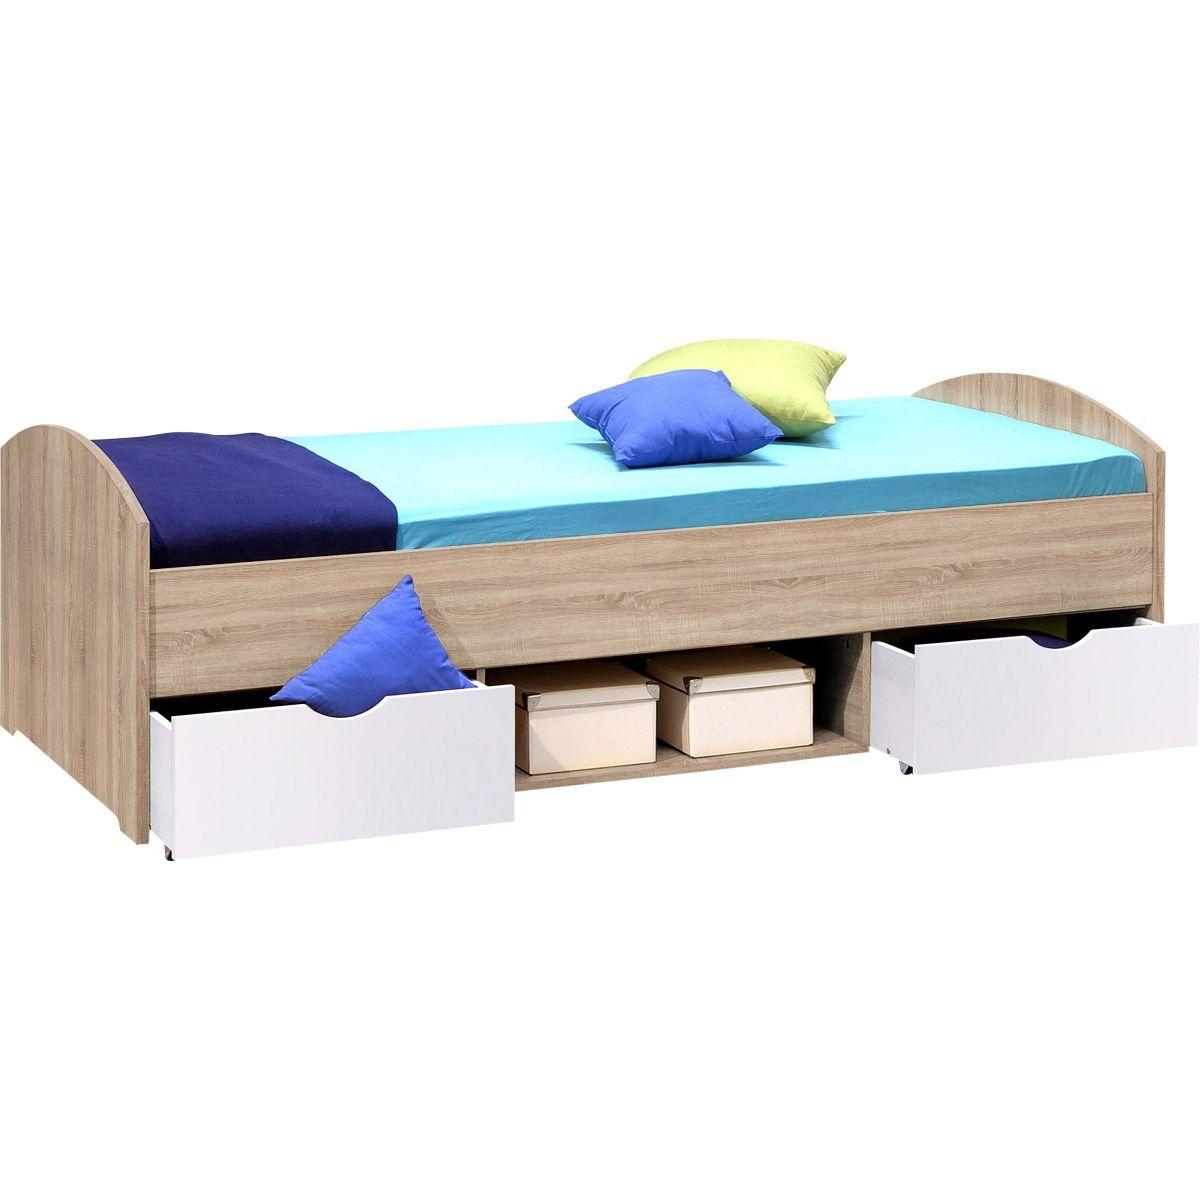 Full Size of Möbel Boss Betten Mbel Schlafzimmer Antike Frankfurt Joop Luxus Für übergewichtige Loungemöbel Garten Holz Jabo Wohnwert Dico Außergewöhnliche Bett Möbel Boss Betten